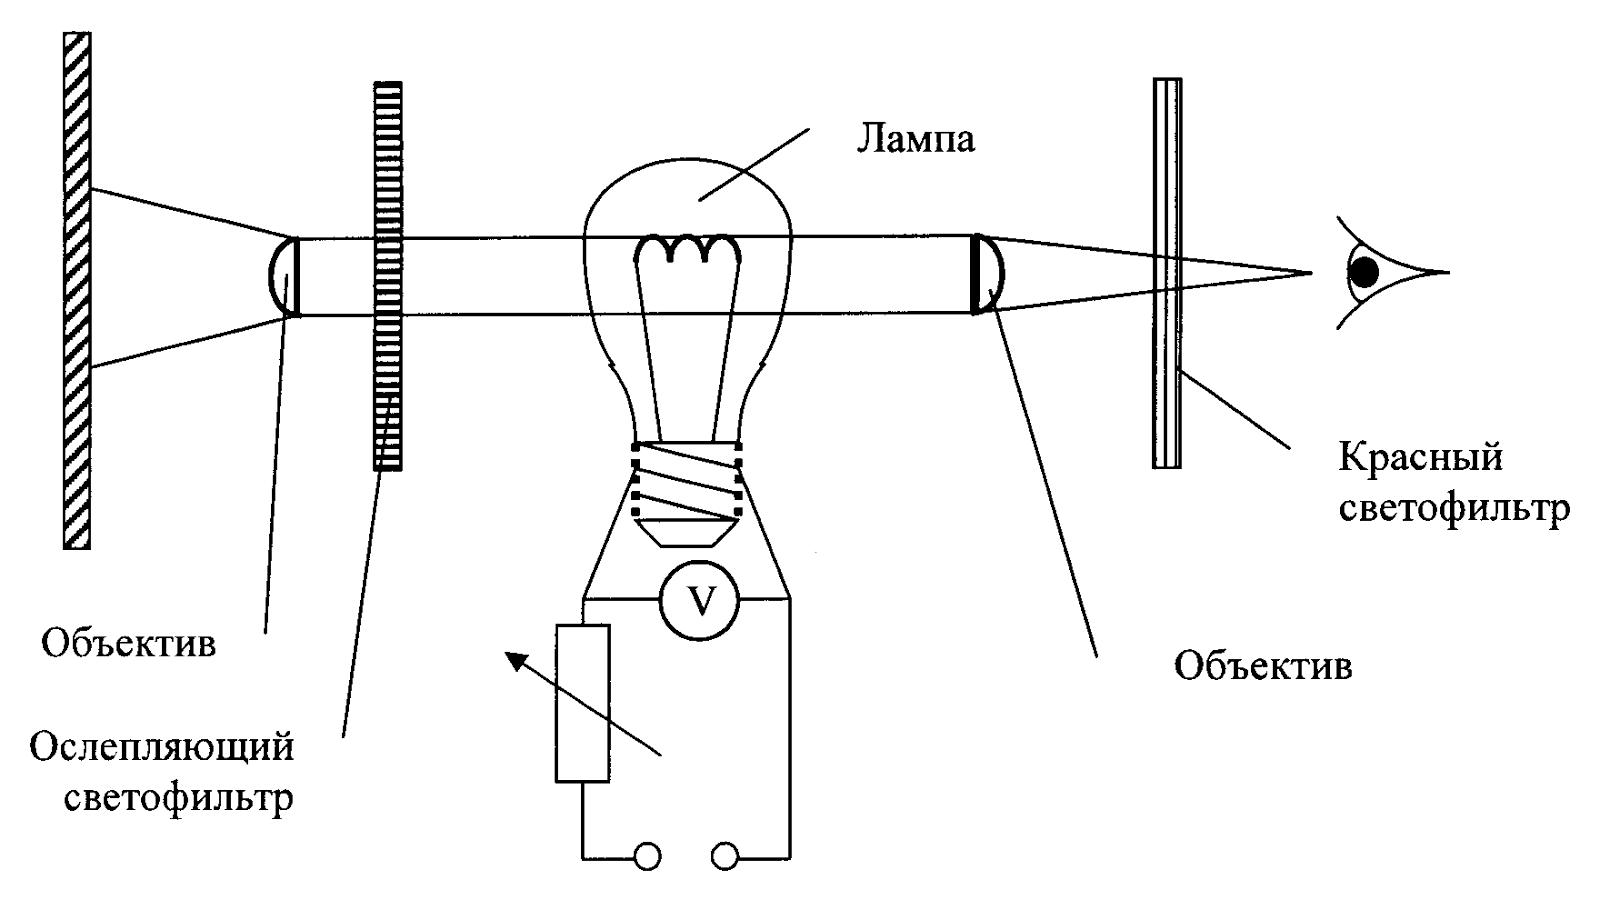 Учет влияния токов высших гармоник в сетях, питающих газоразрядные лампы